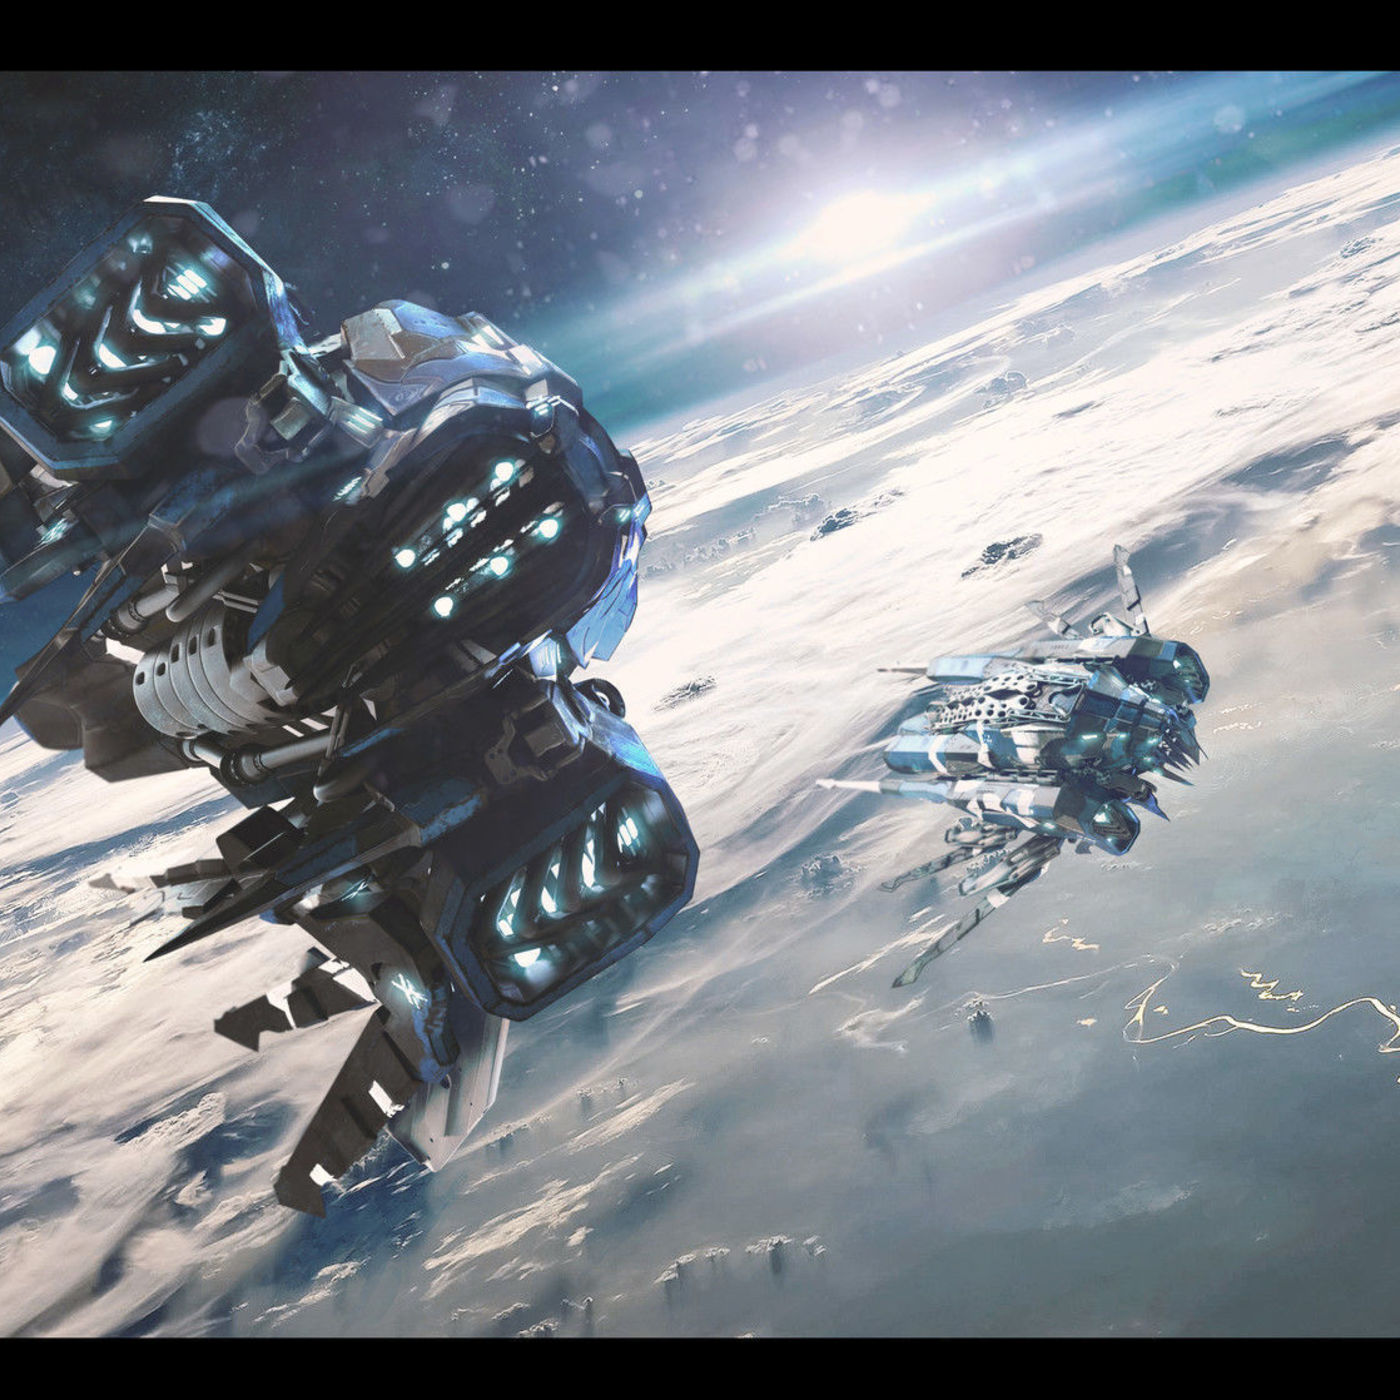 Orbital Patrol by Carlos Andrés Osorio Cardona